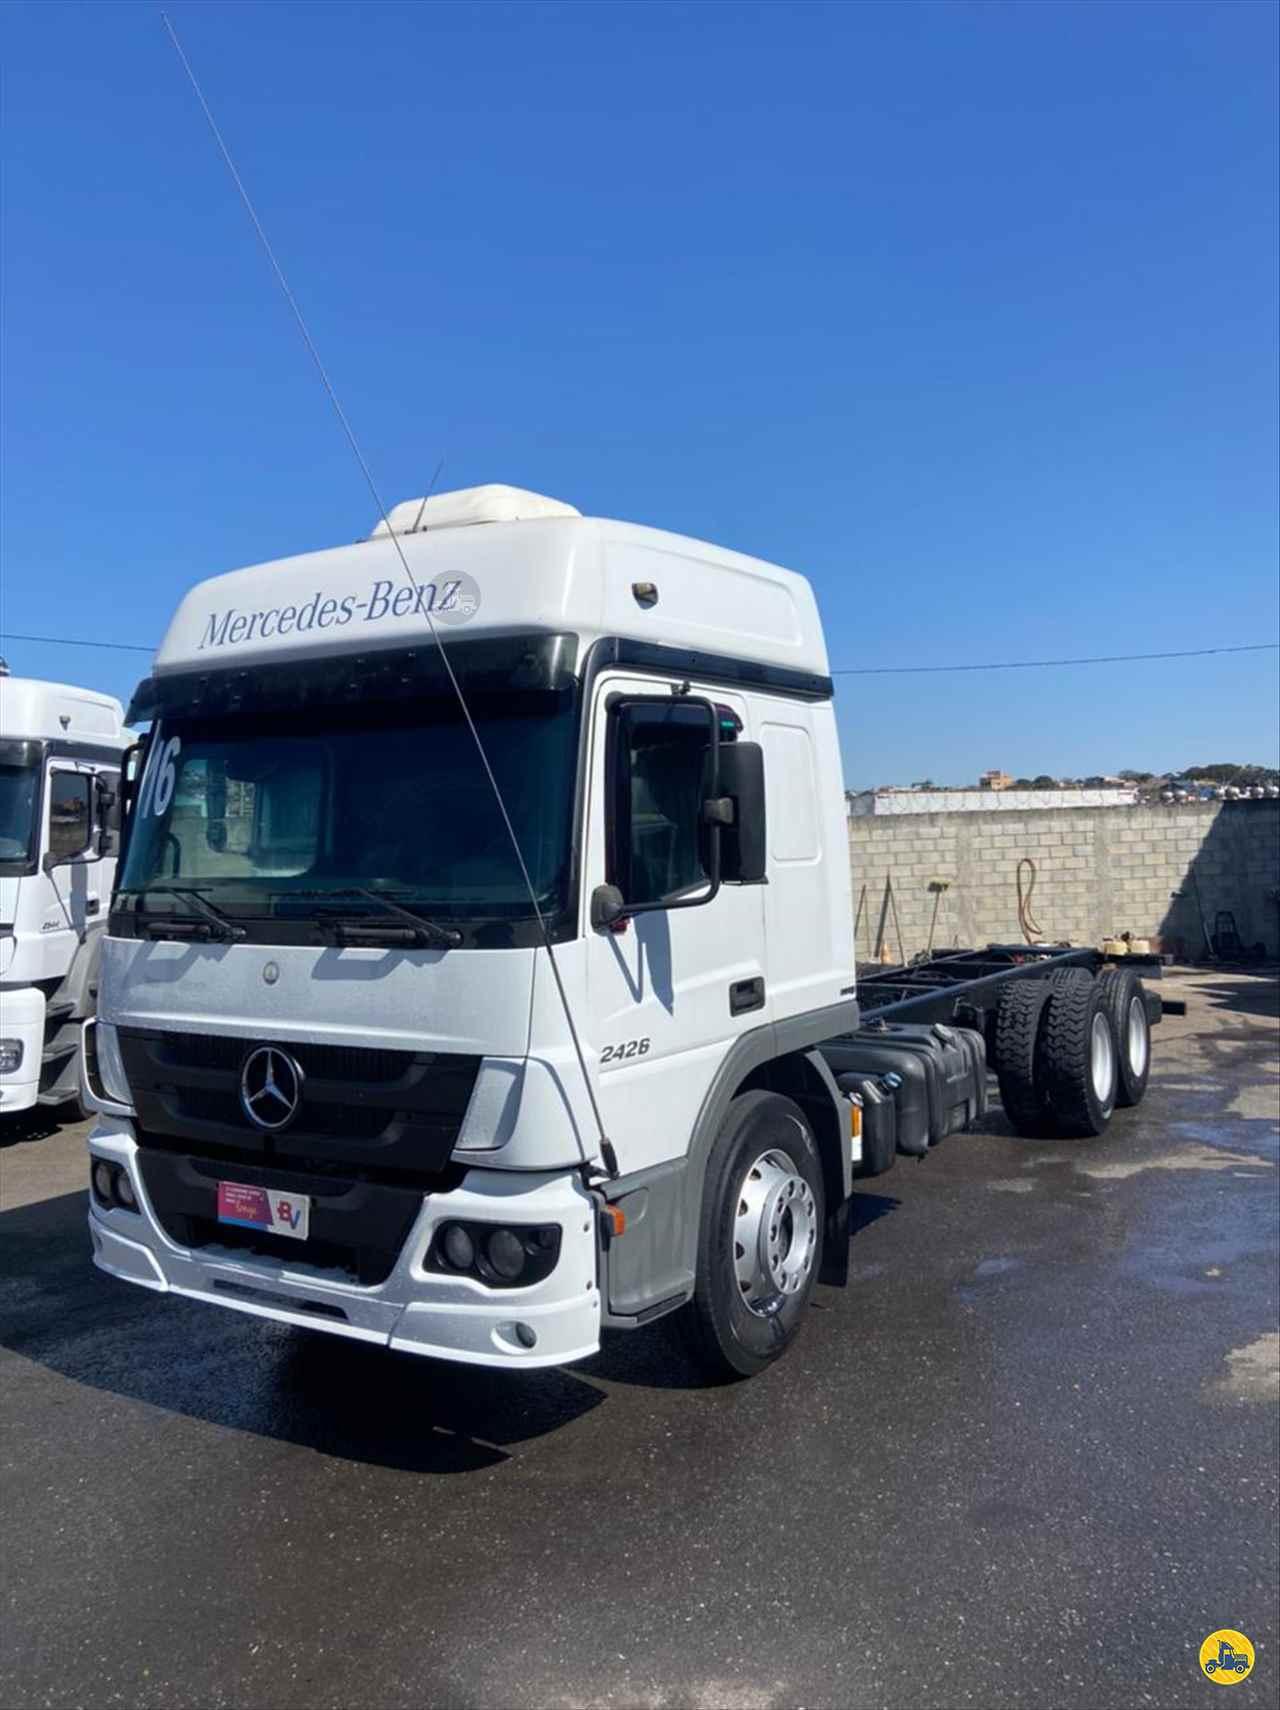 CAMINHAO MERCEDES-BENZ MB 2426 Chassis Truck 6x2 Gegê Caminhões CONTAGEM MINAS GERAIS MG